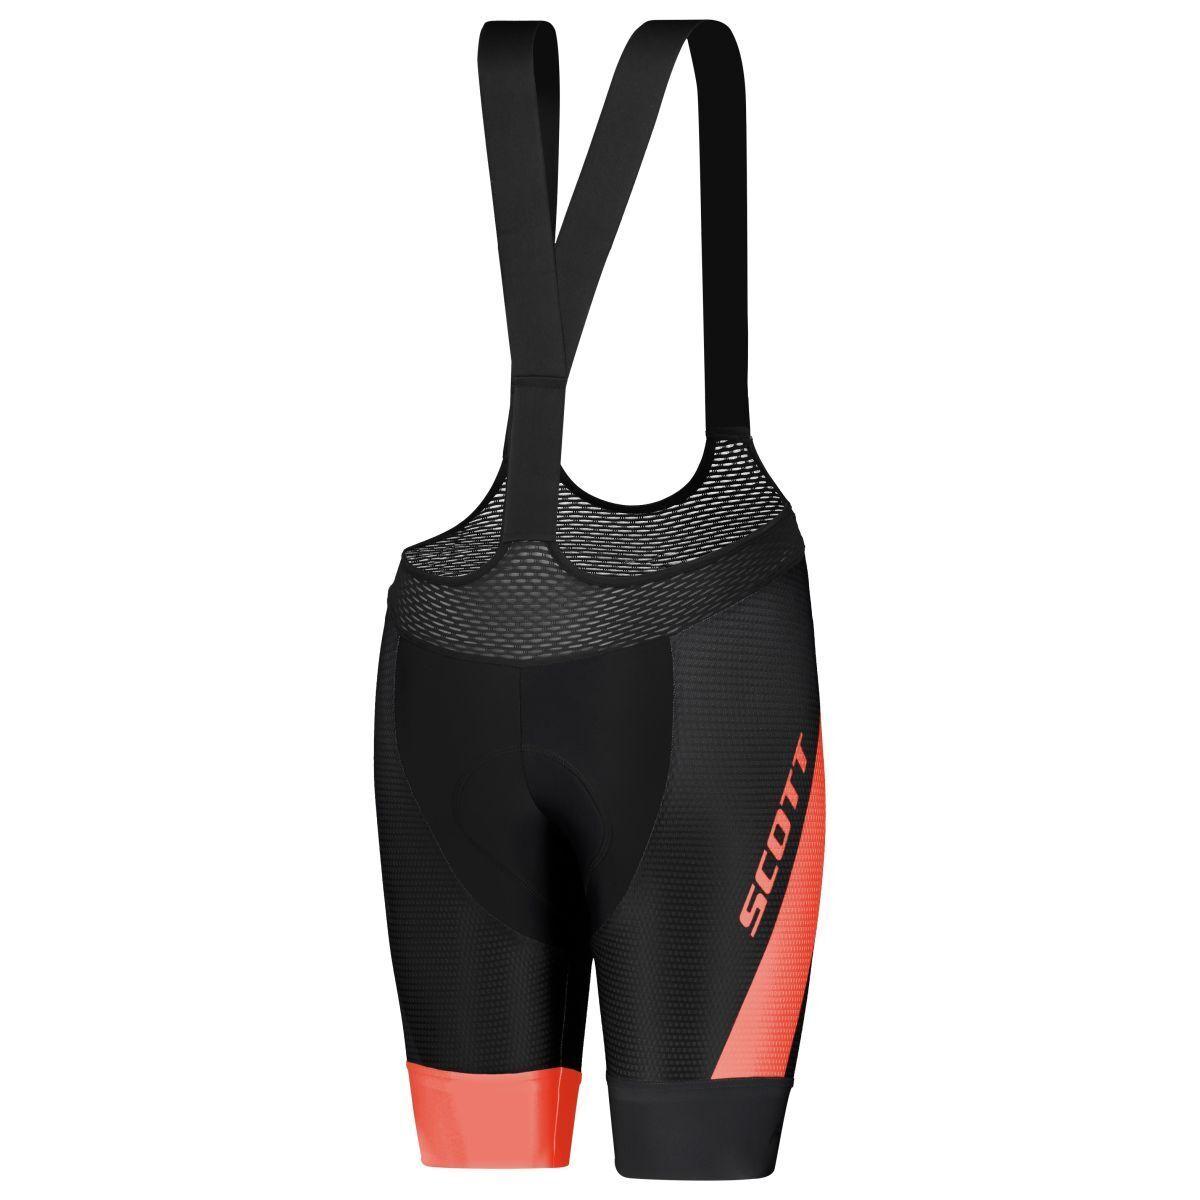 Scott RC Pro +++ DaSie Fahrrad Trägerhose kurz schwarz coral rot 2019